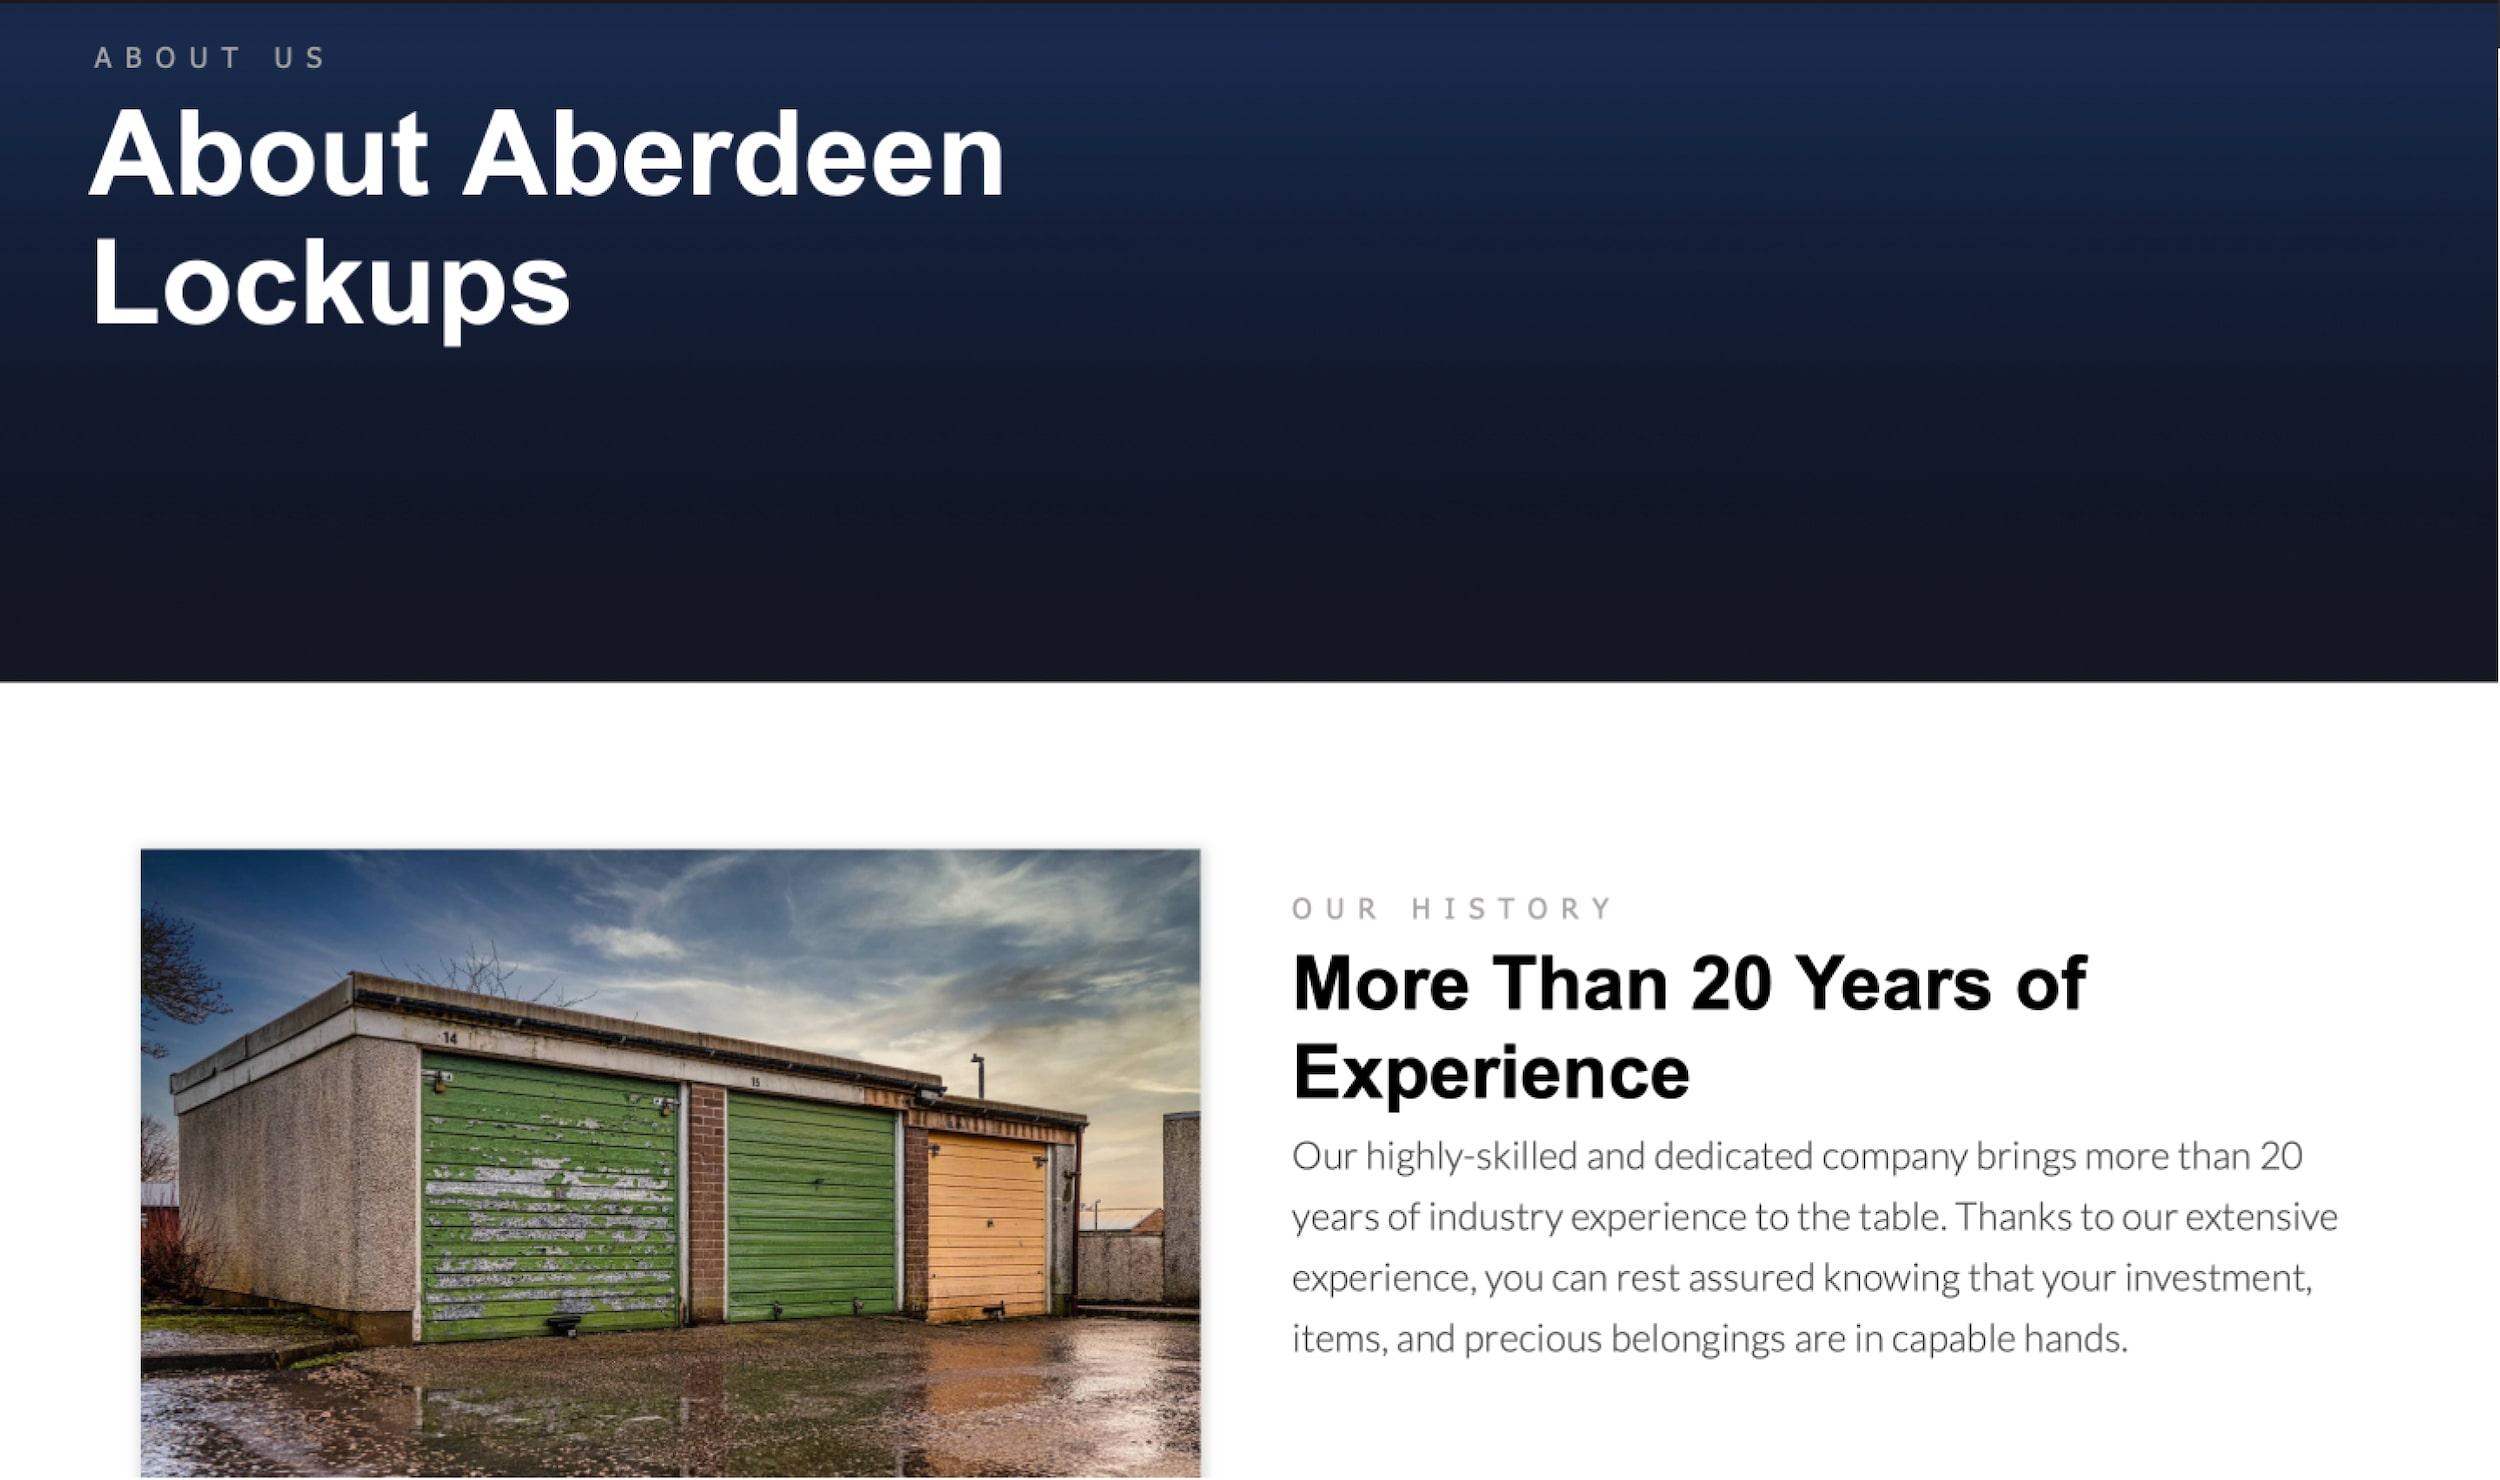 Aberdeen Lockups